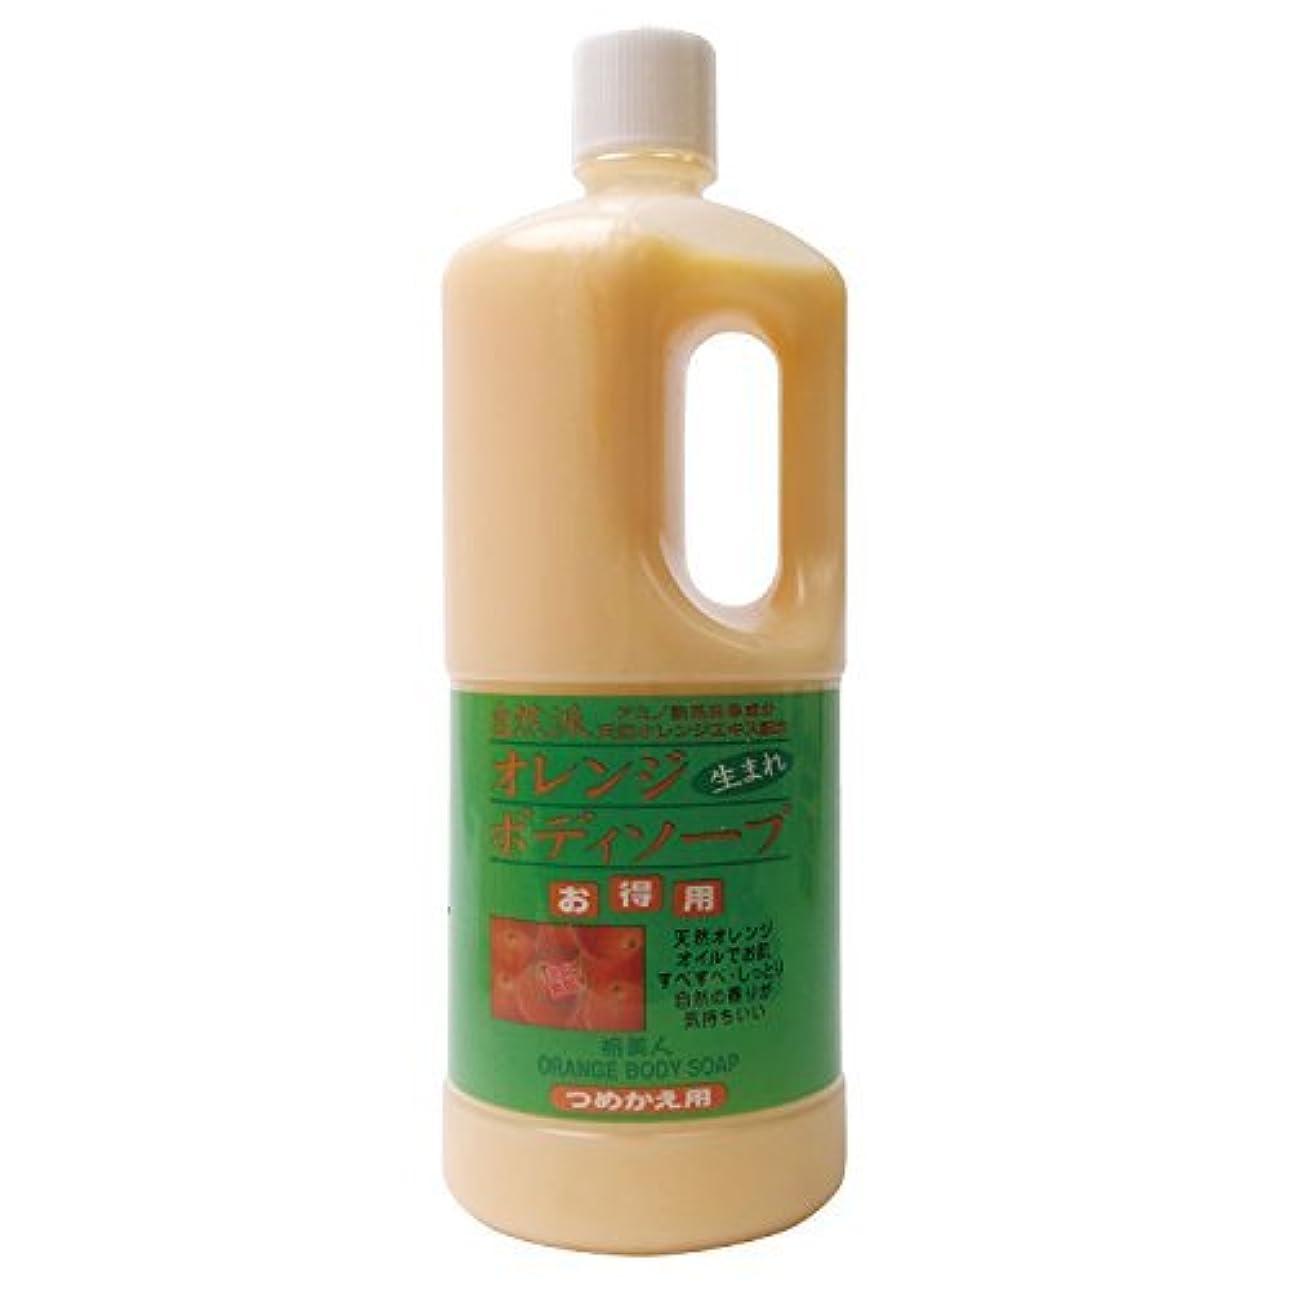 きつく白菜ばかげているアズマ商事のオレンジボディソープ詰め替え用1000ml